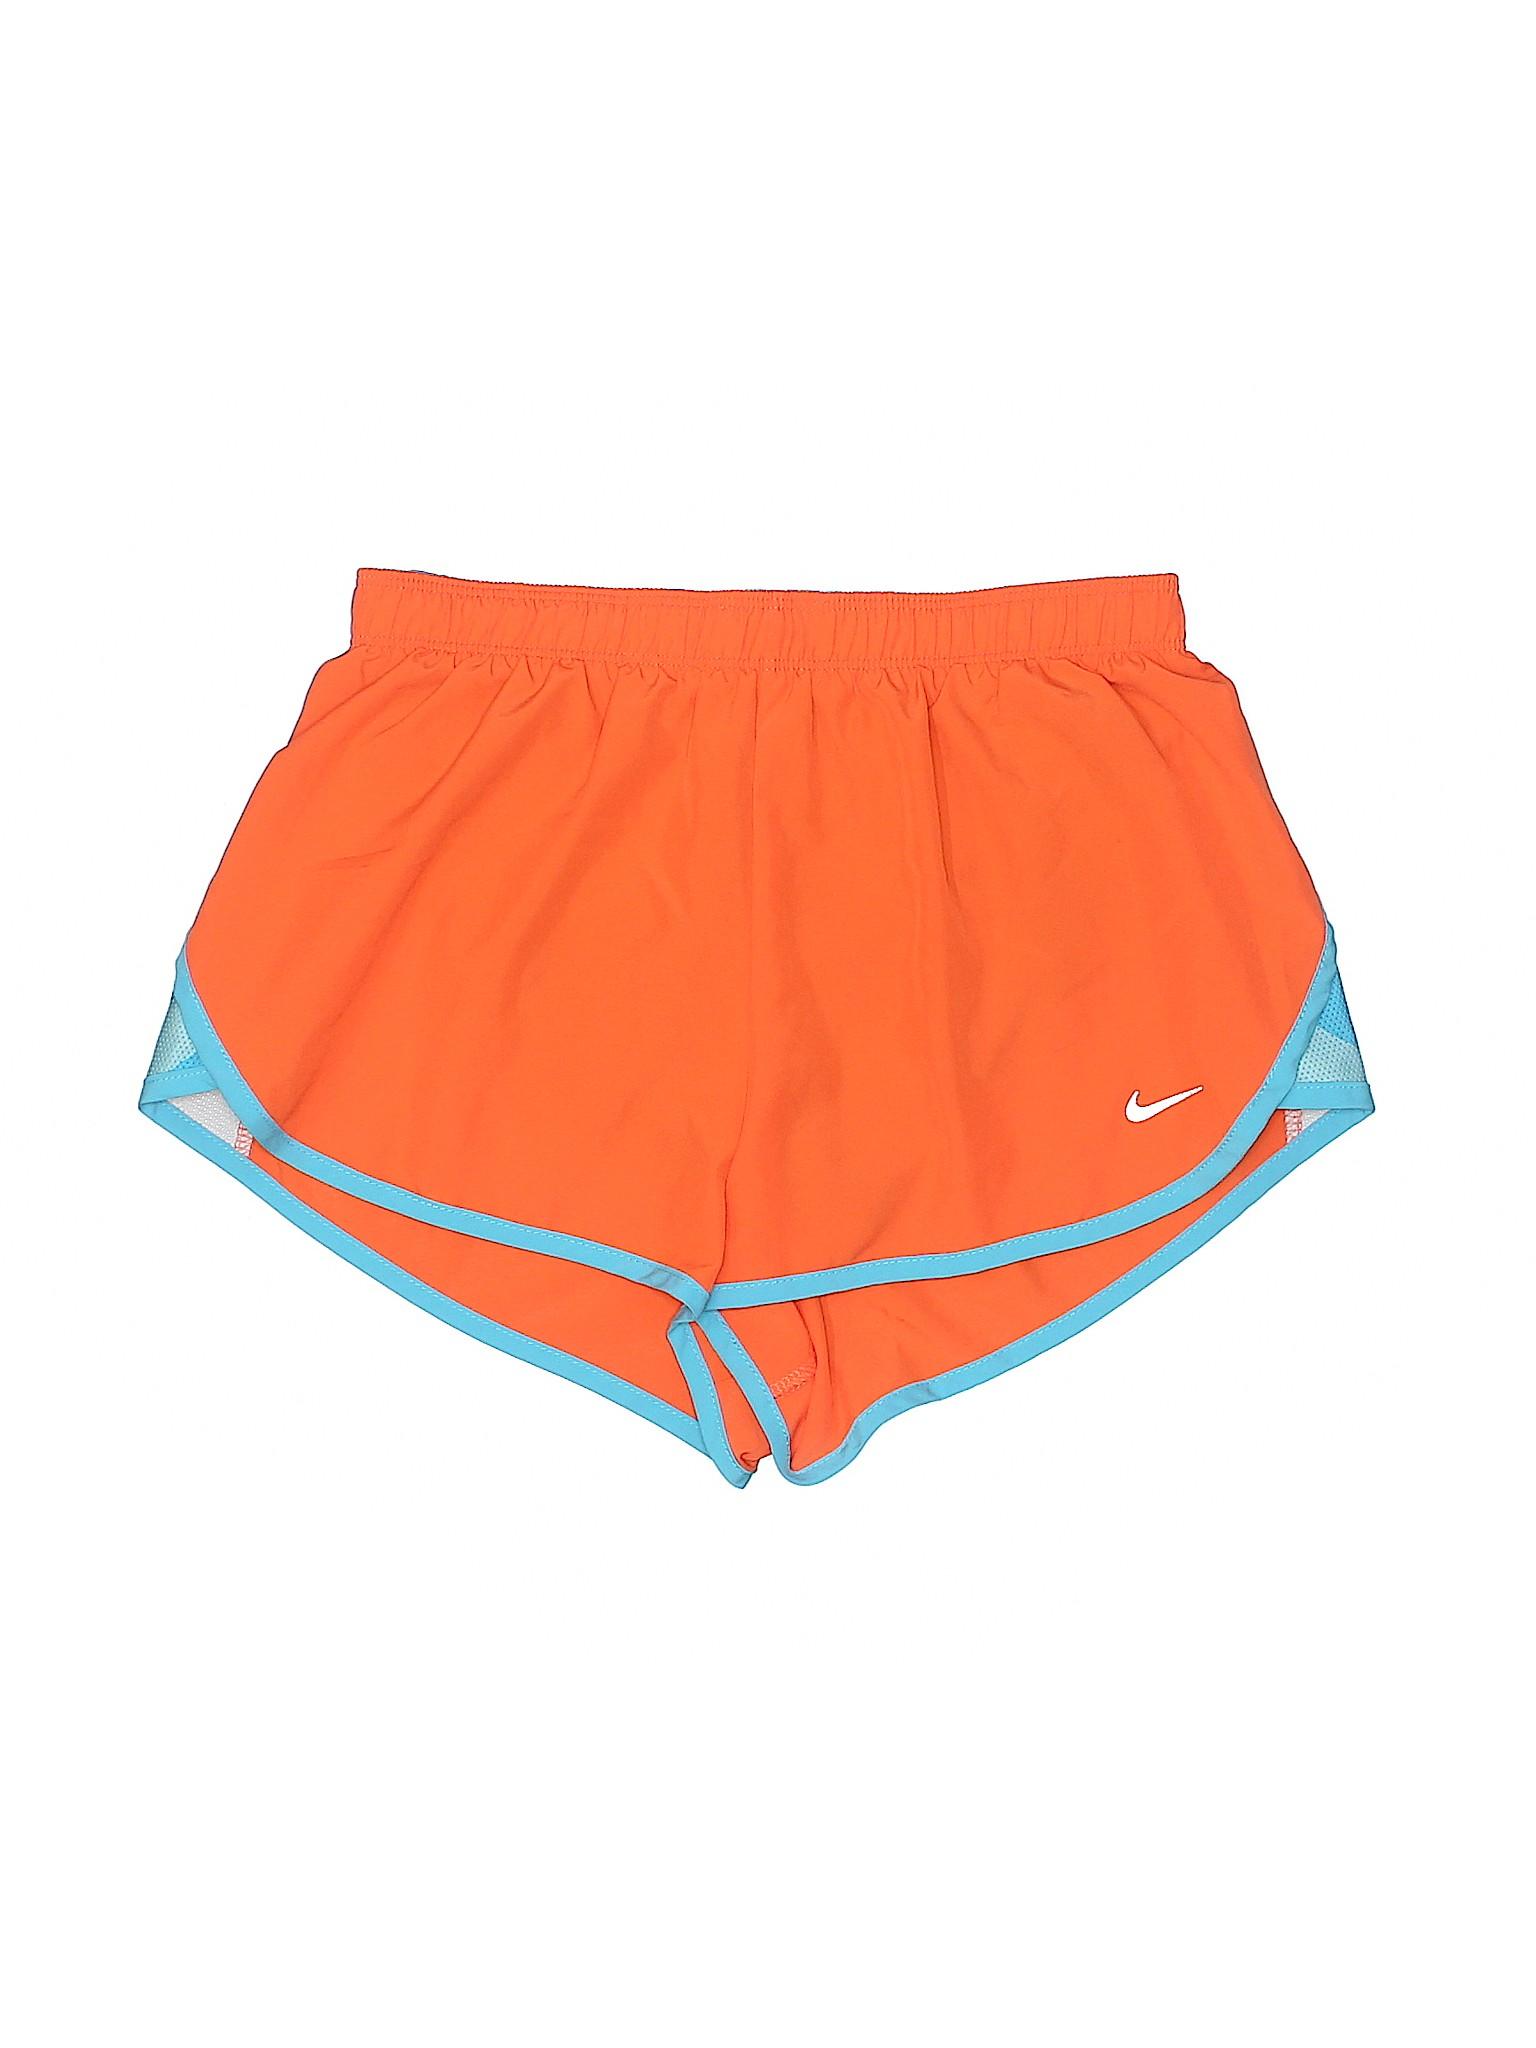 Boutique Athletic Athletic Nike Shorts Nike Shorts Boutique Nike Shorts Boutique Athletic gwUq0Y